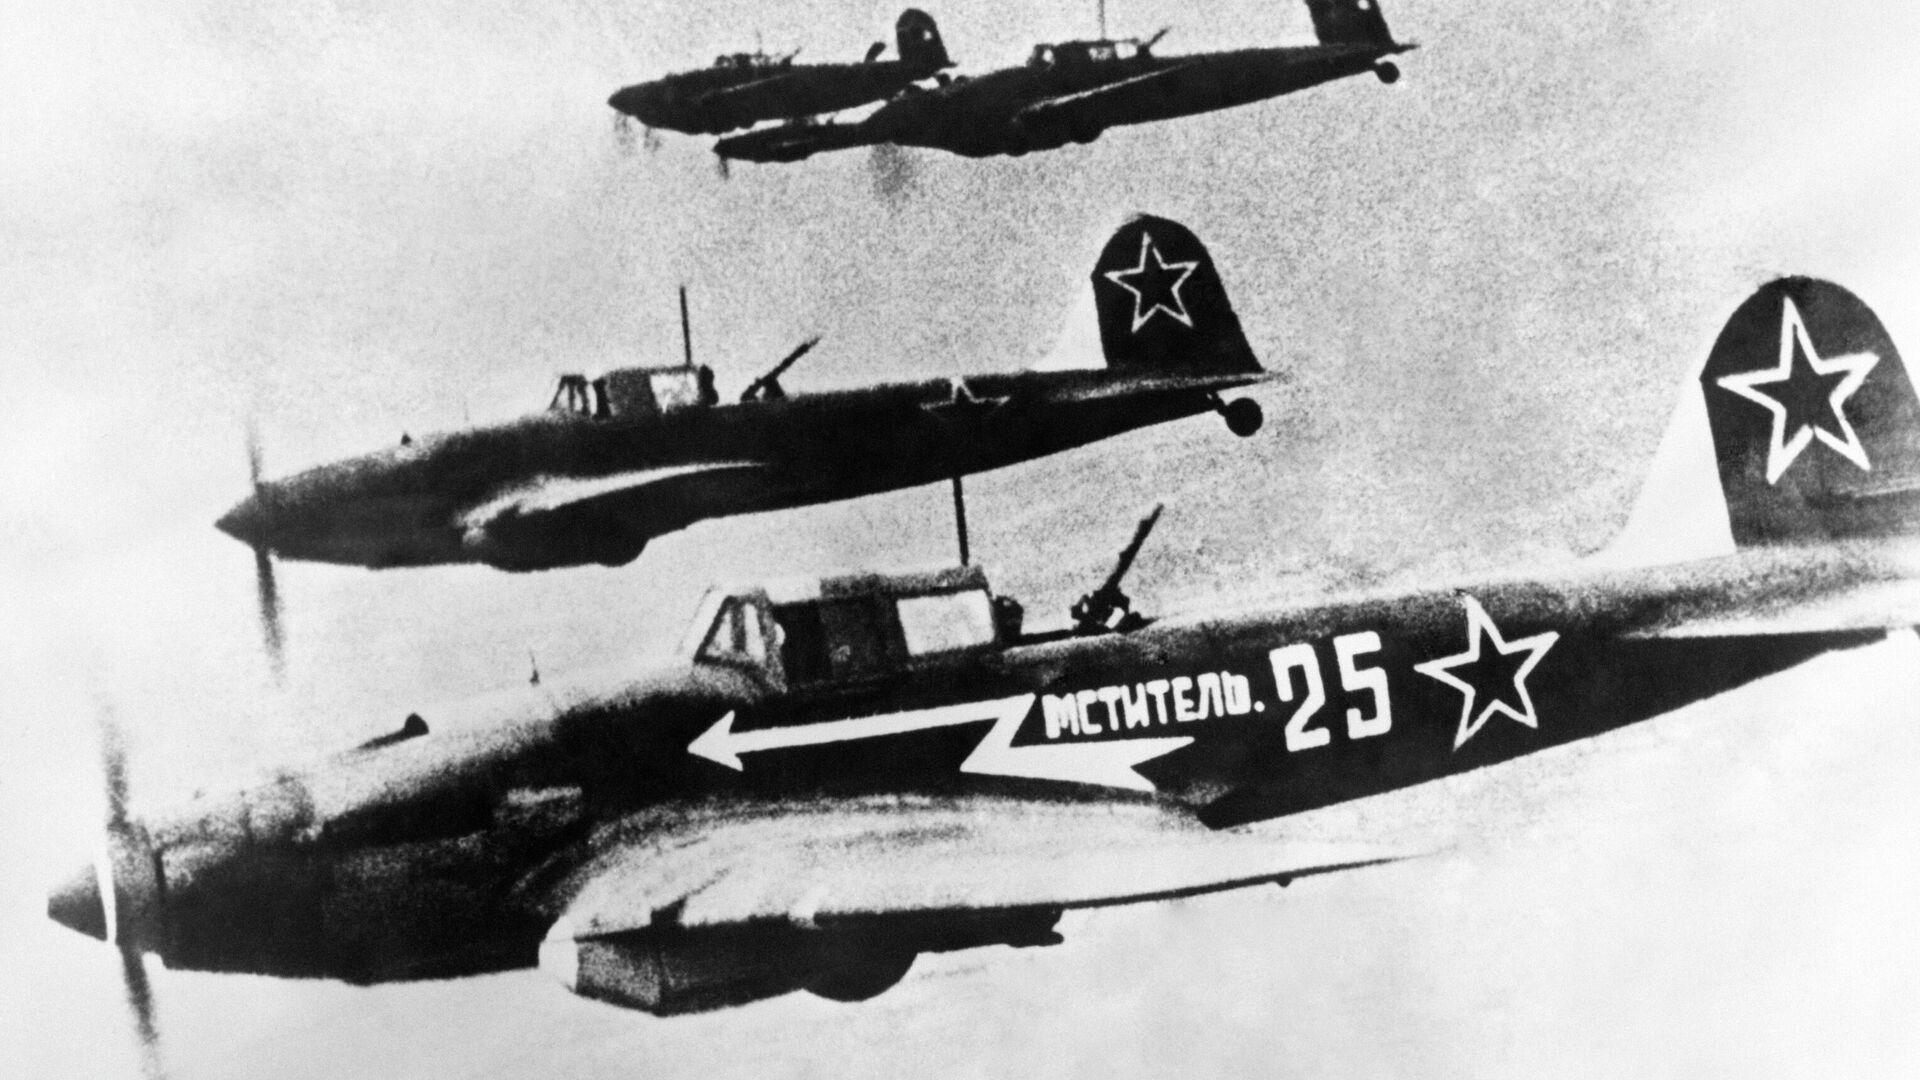 Како је совјетска авијација шокирала нацисте - Sputnik Србија, 1920, 07.08.2021